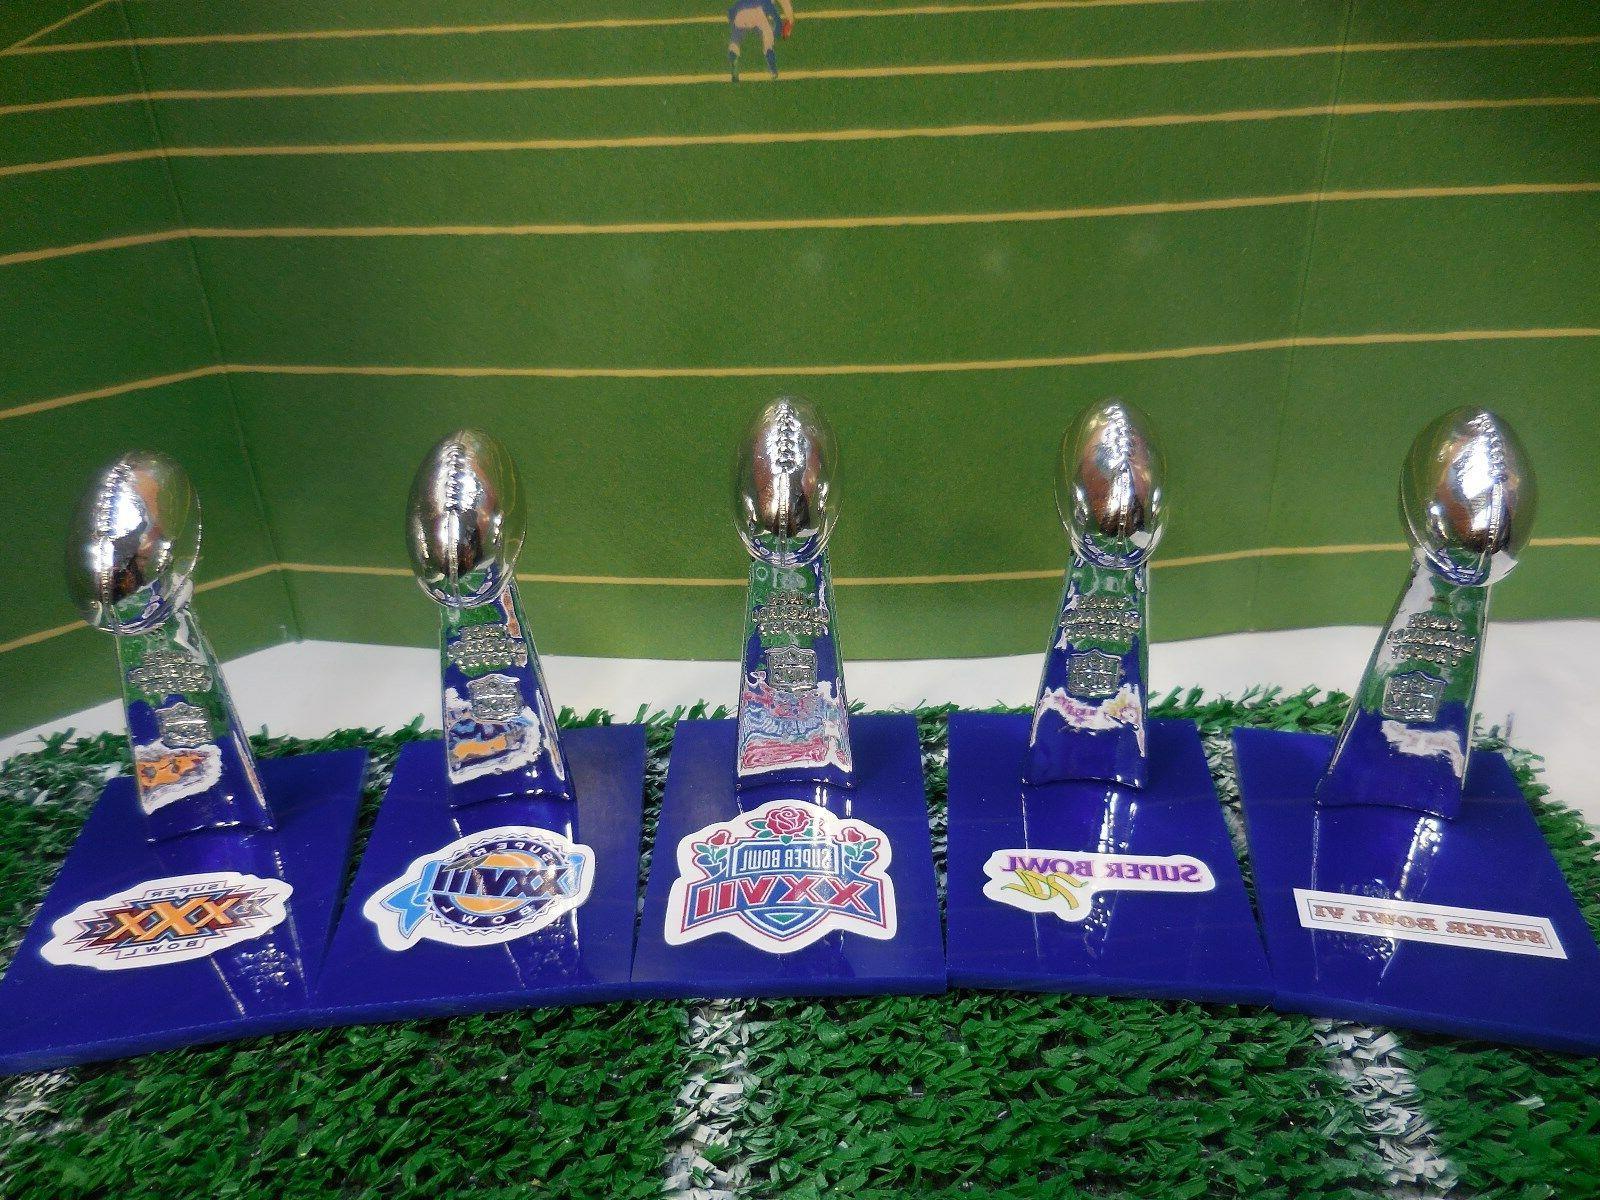 dallas cowboys mini lombardi trophy set mcfarlane